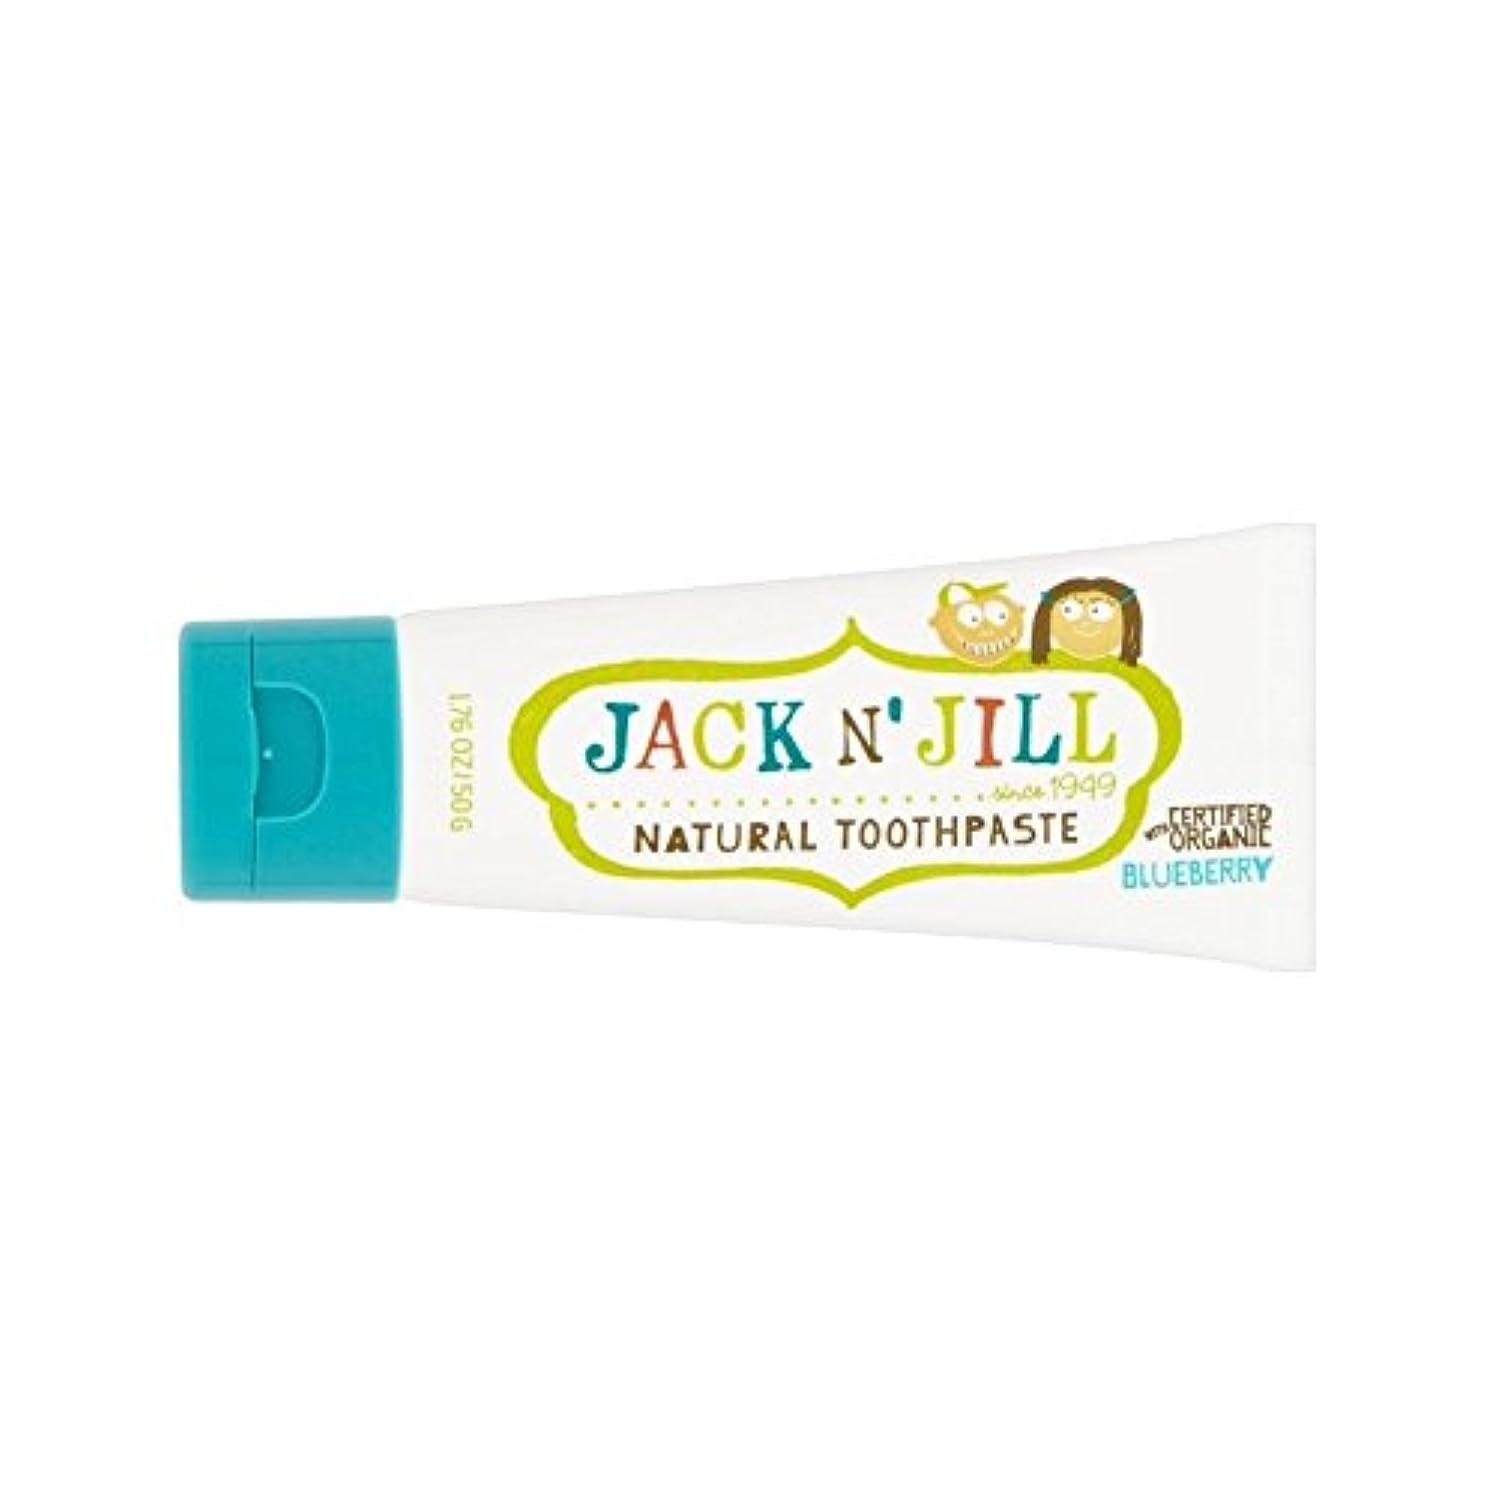 狂気ヒゲクジラ昼寝有機香味50グラムとの自然なブルーベリー歯磨き粉 (Jack N Jill) - Jack N' Jill Blueberry Toothpaste Natural with Organic Flavouring 50g [並行輸入品]